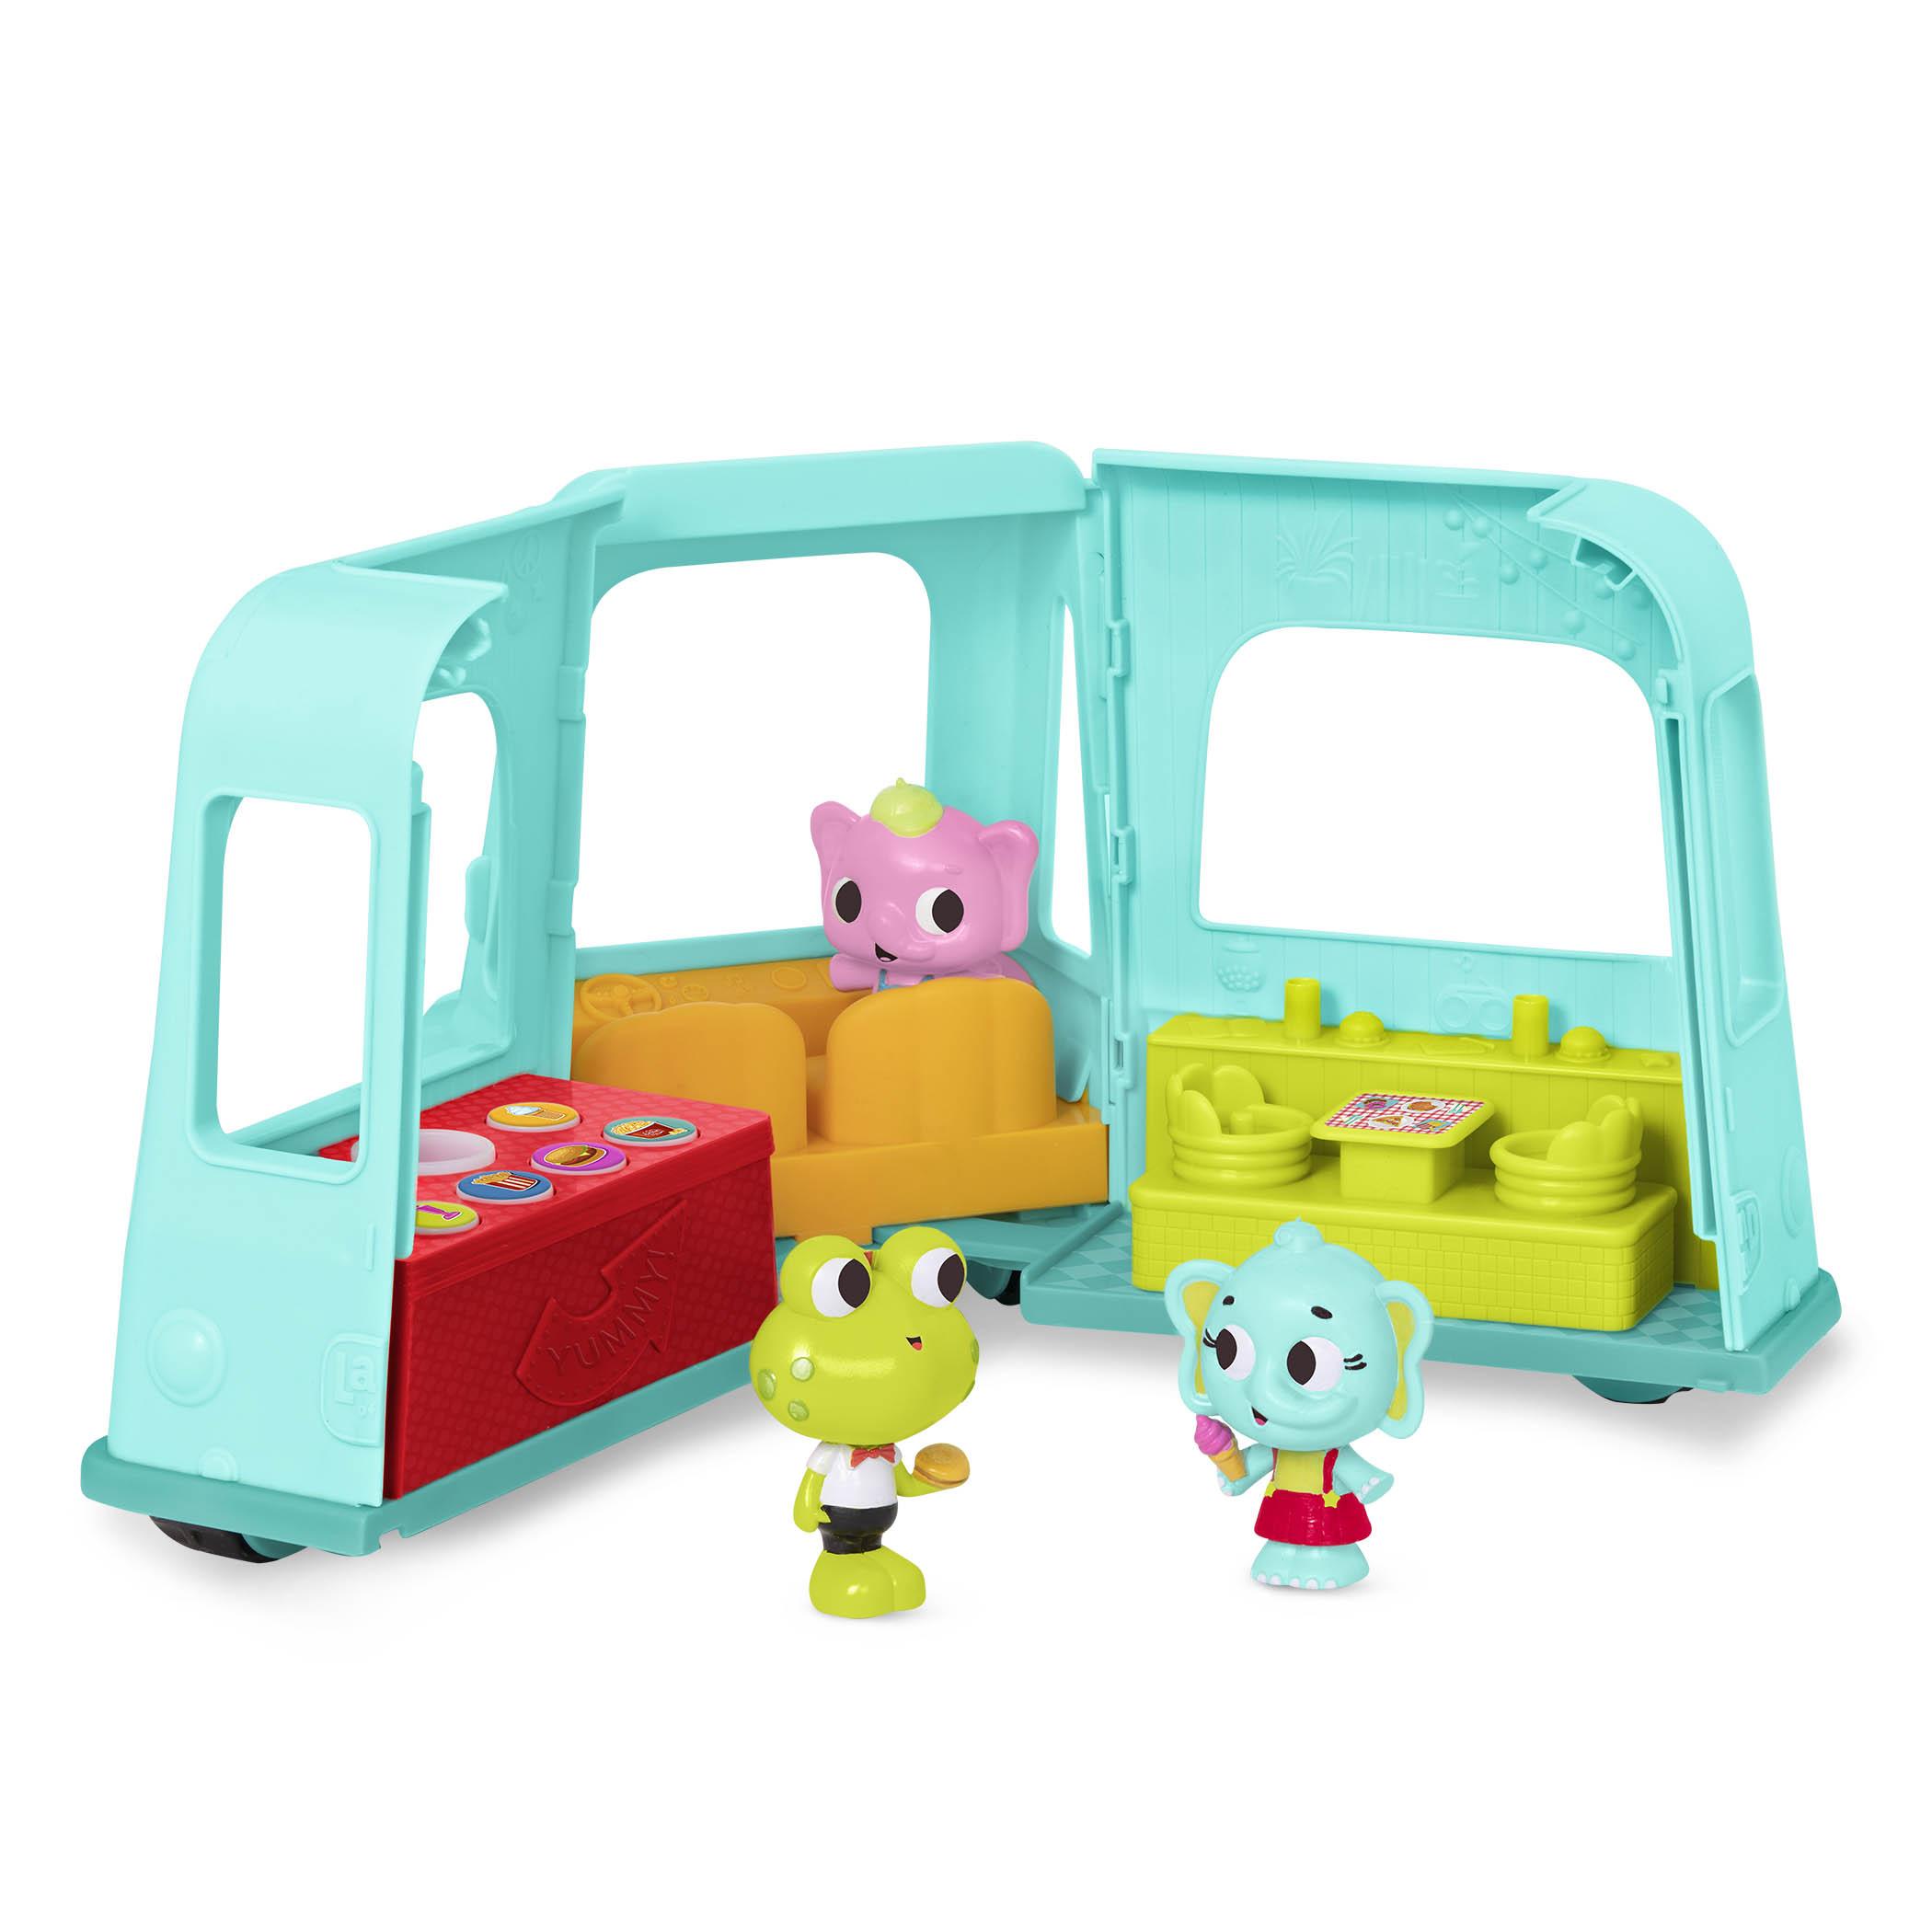 【淘氣寶寶】美國 B.Toys 感統玩具 芙洛克聲鮮快餐車 LB1913Z【淘氣寶寶】